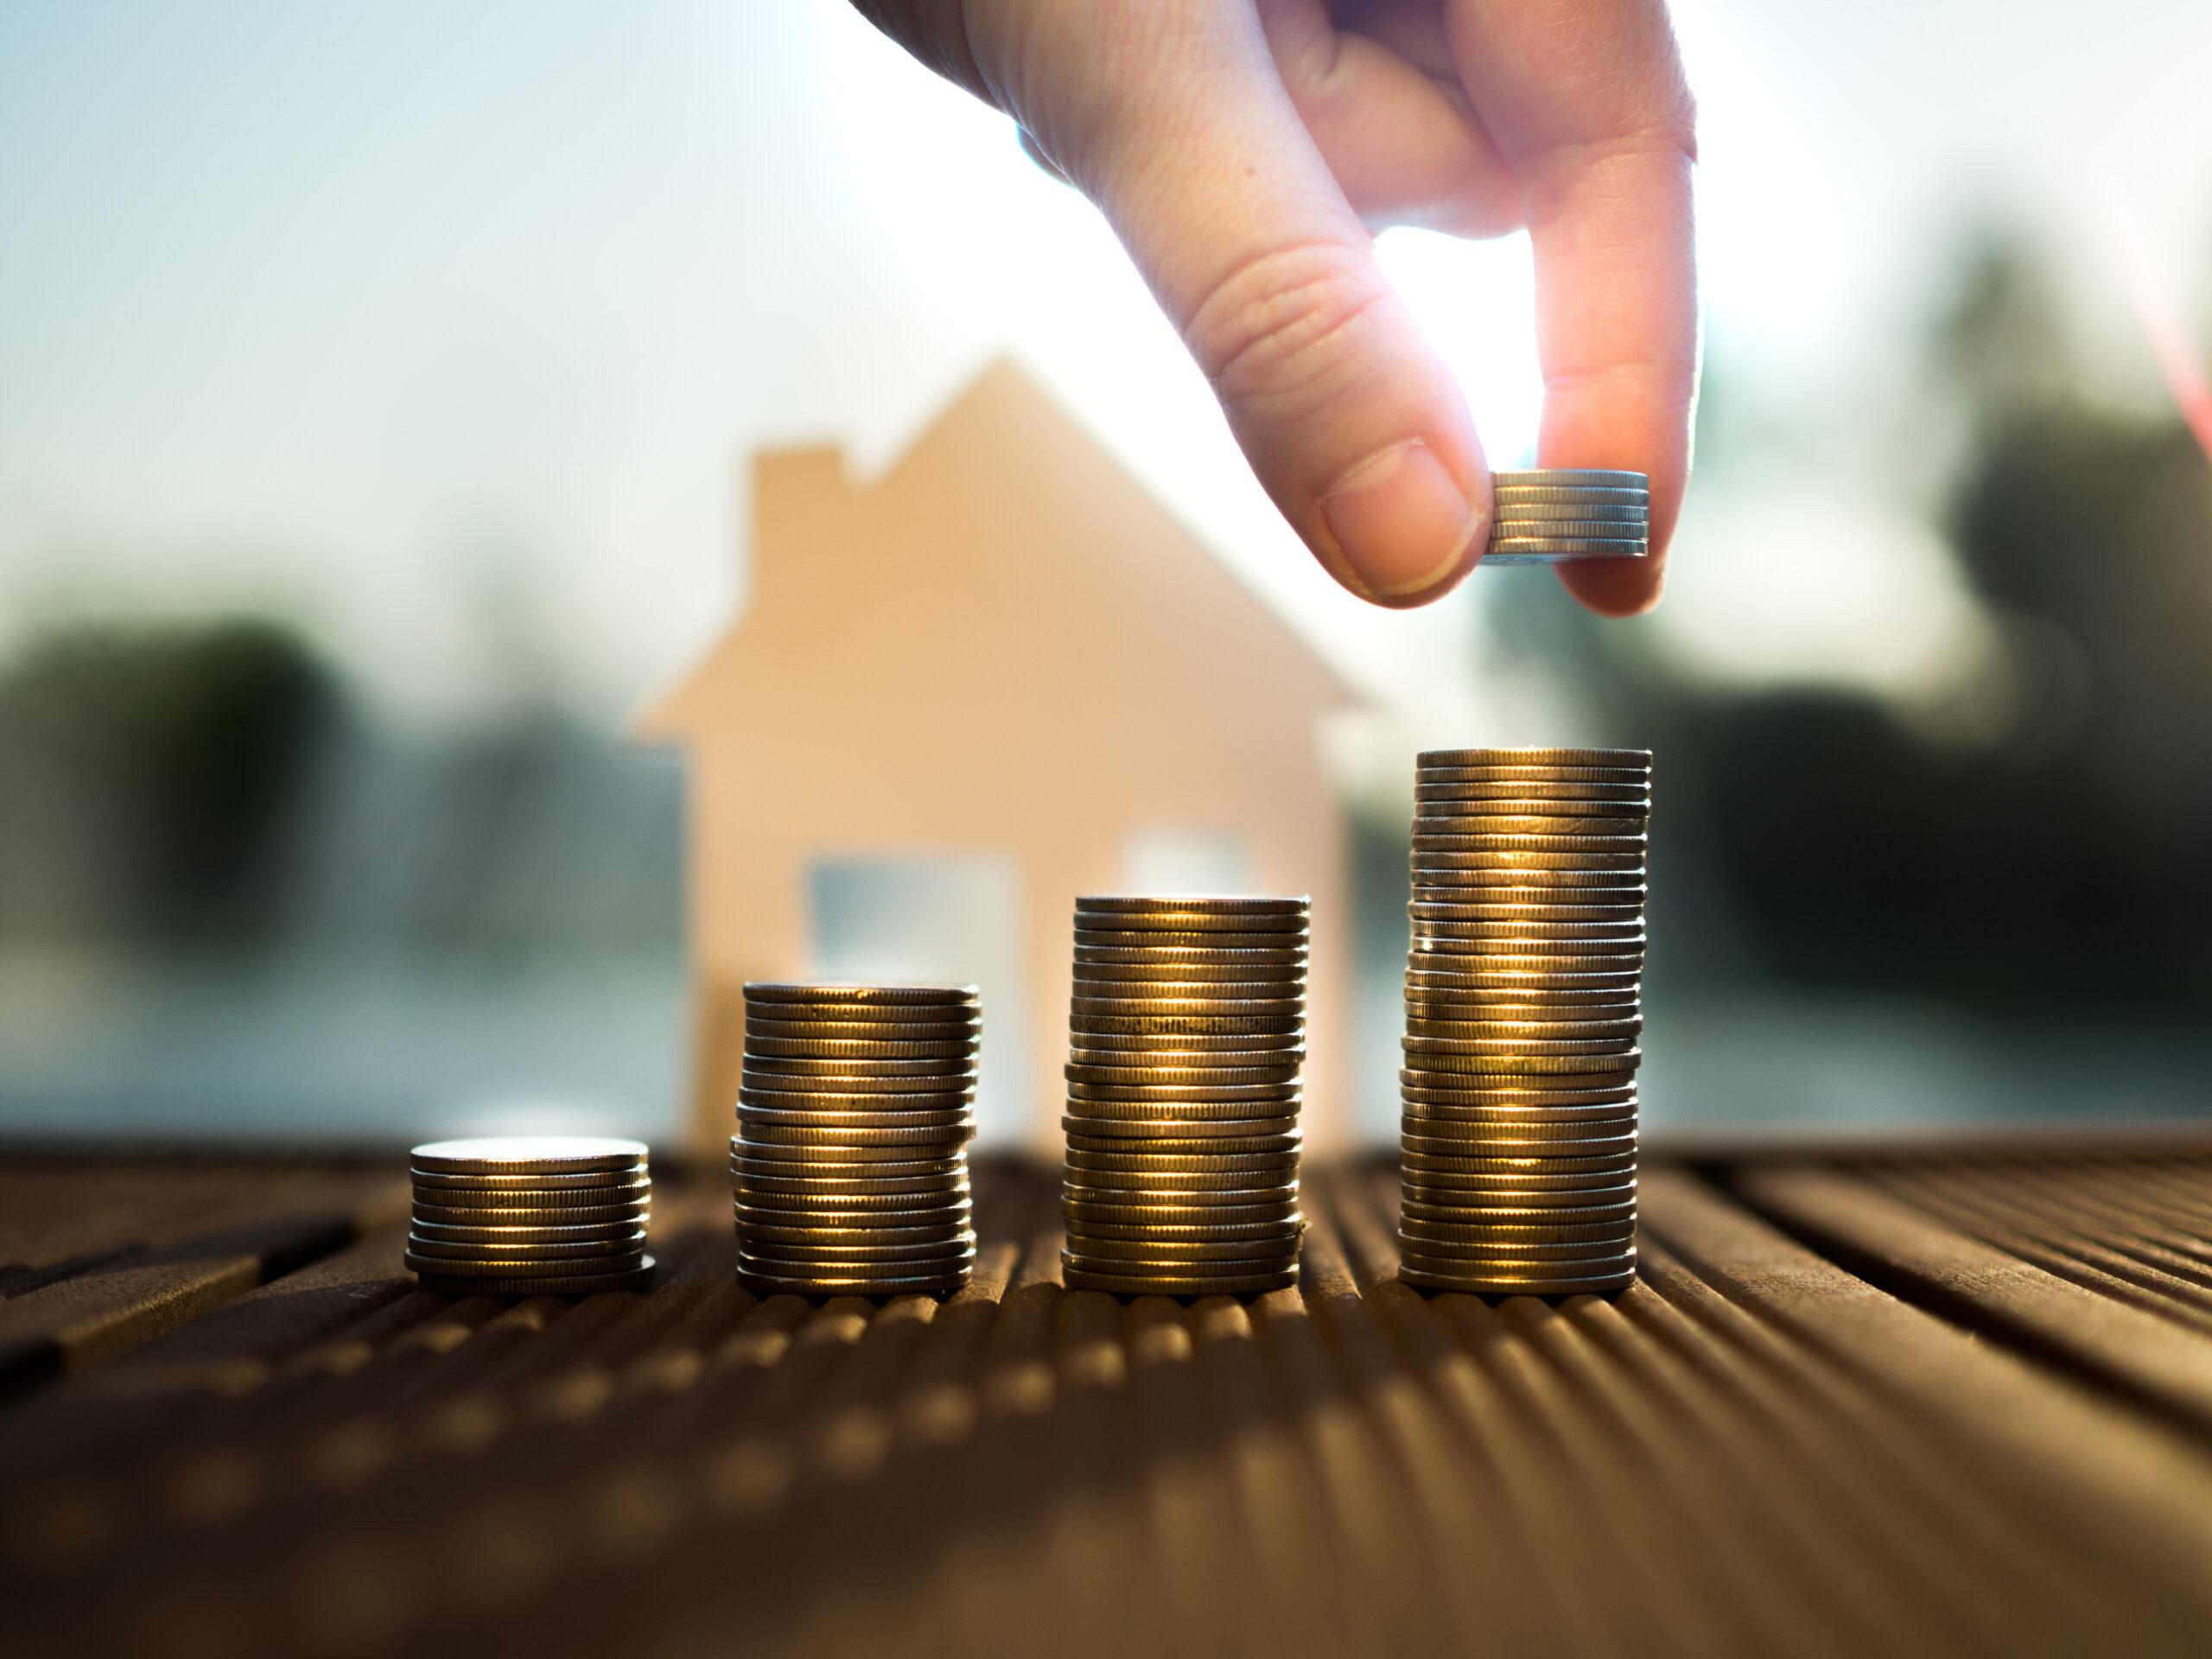 45年の不動産投資ローンは賃貸経営にどのような影響を与えるのか